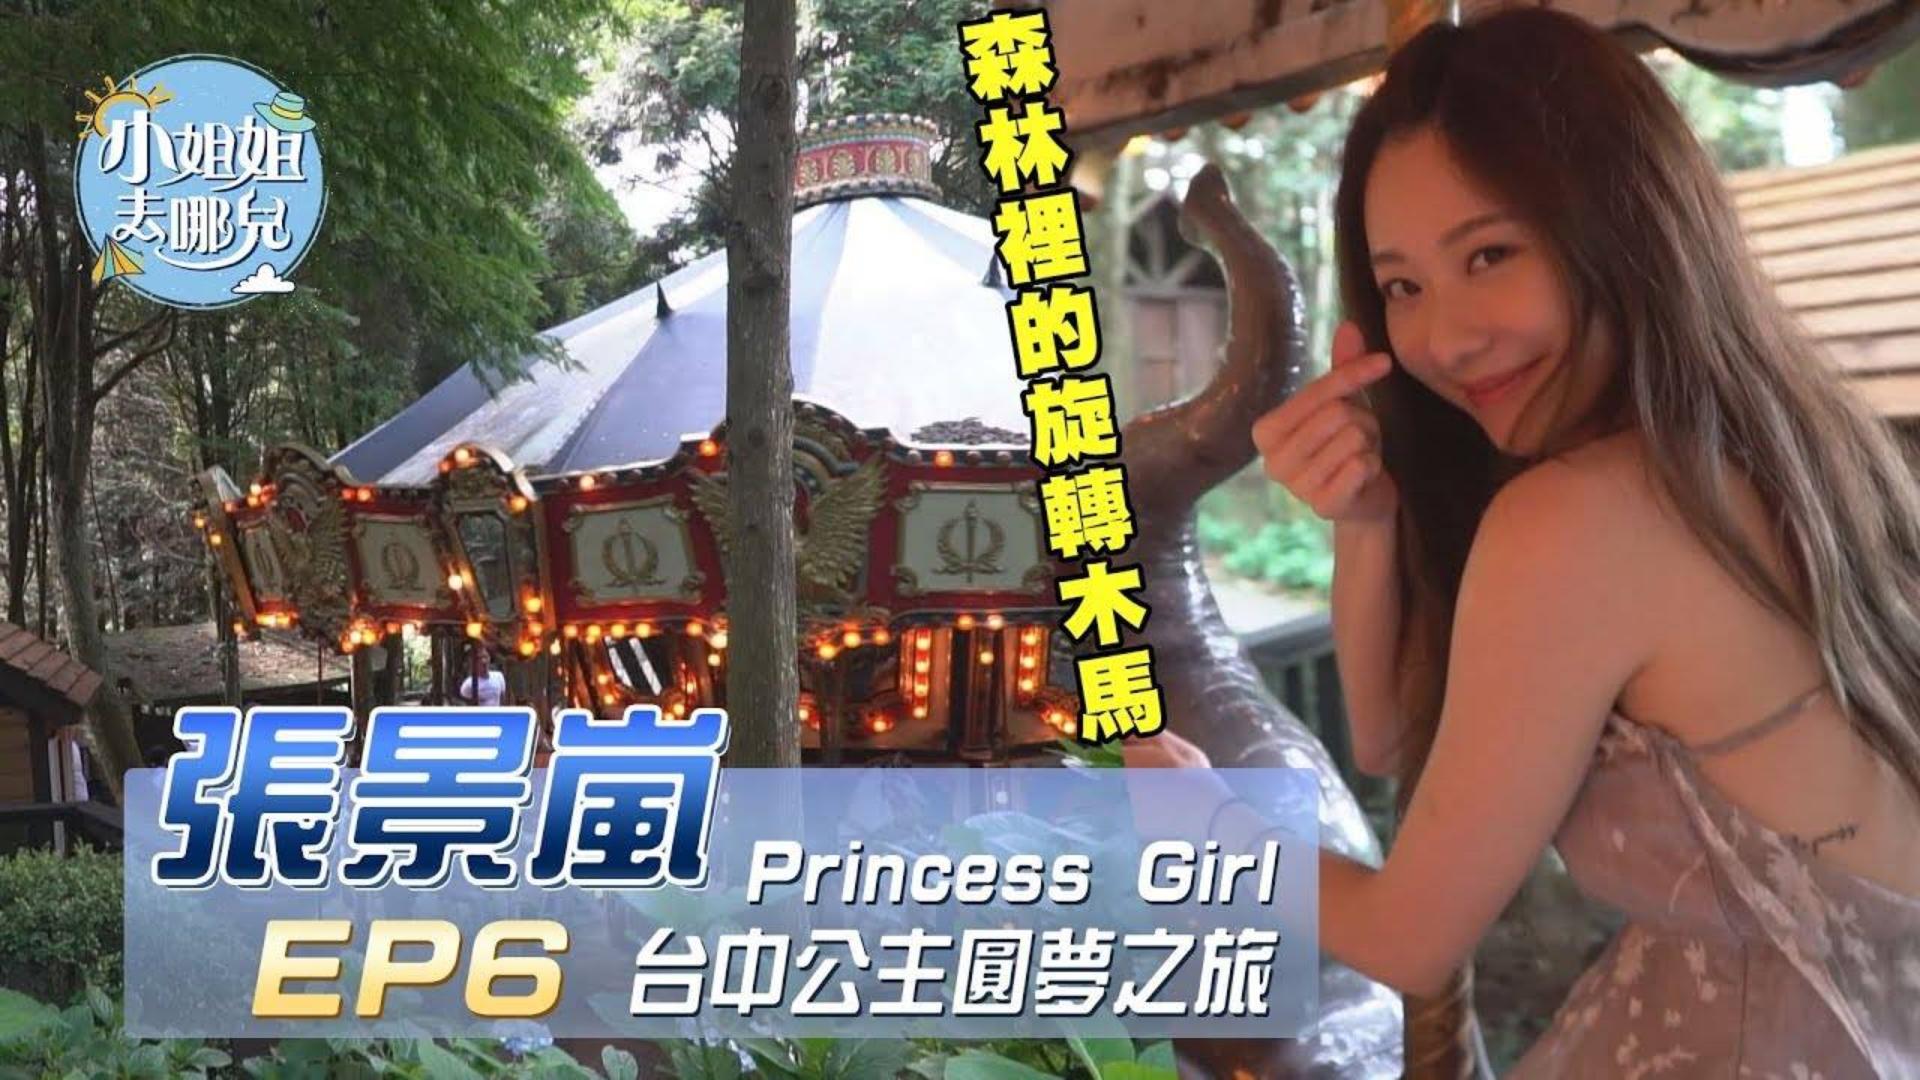 【小姐姐去哪儿】张景岚 Princess Girl~台中公主圆梦之旅!! EP6